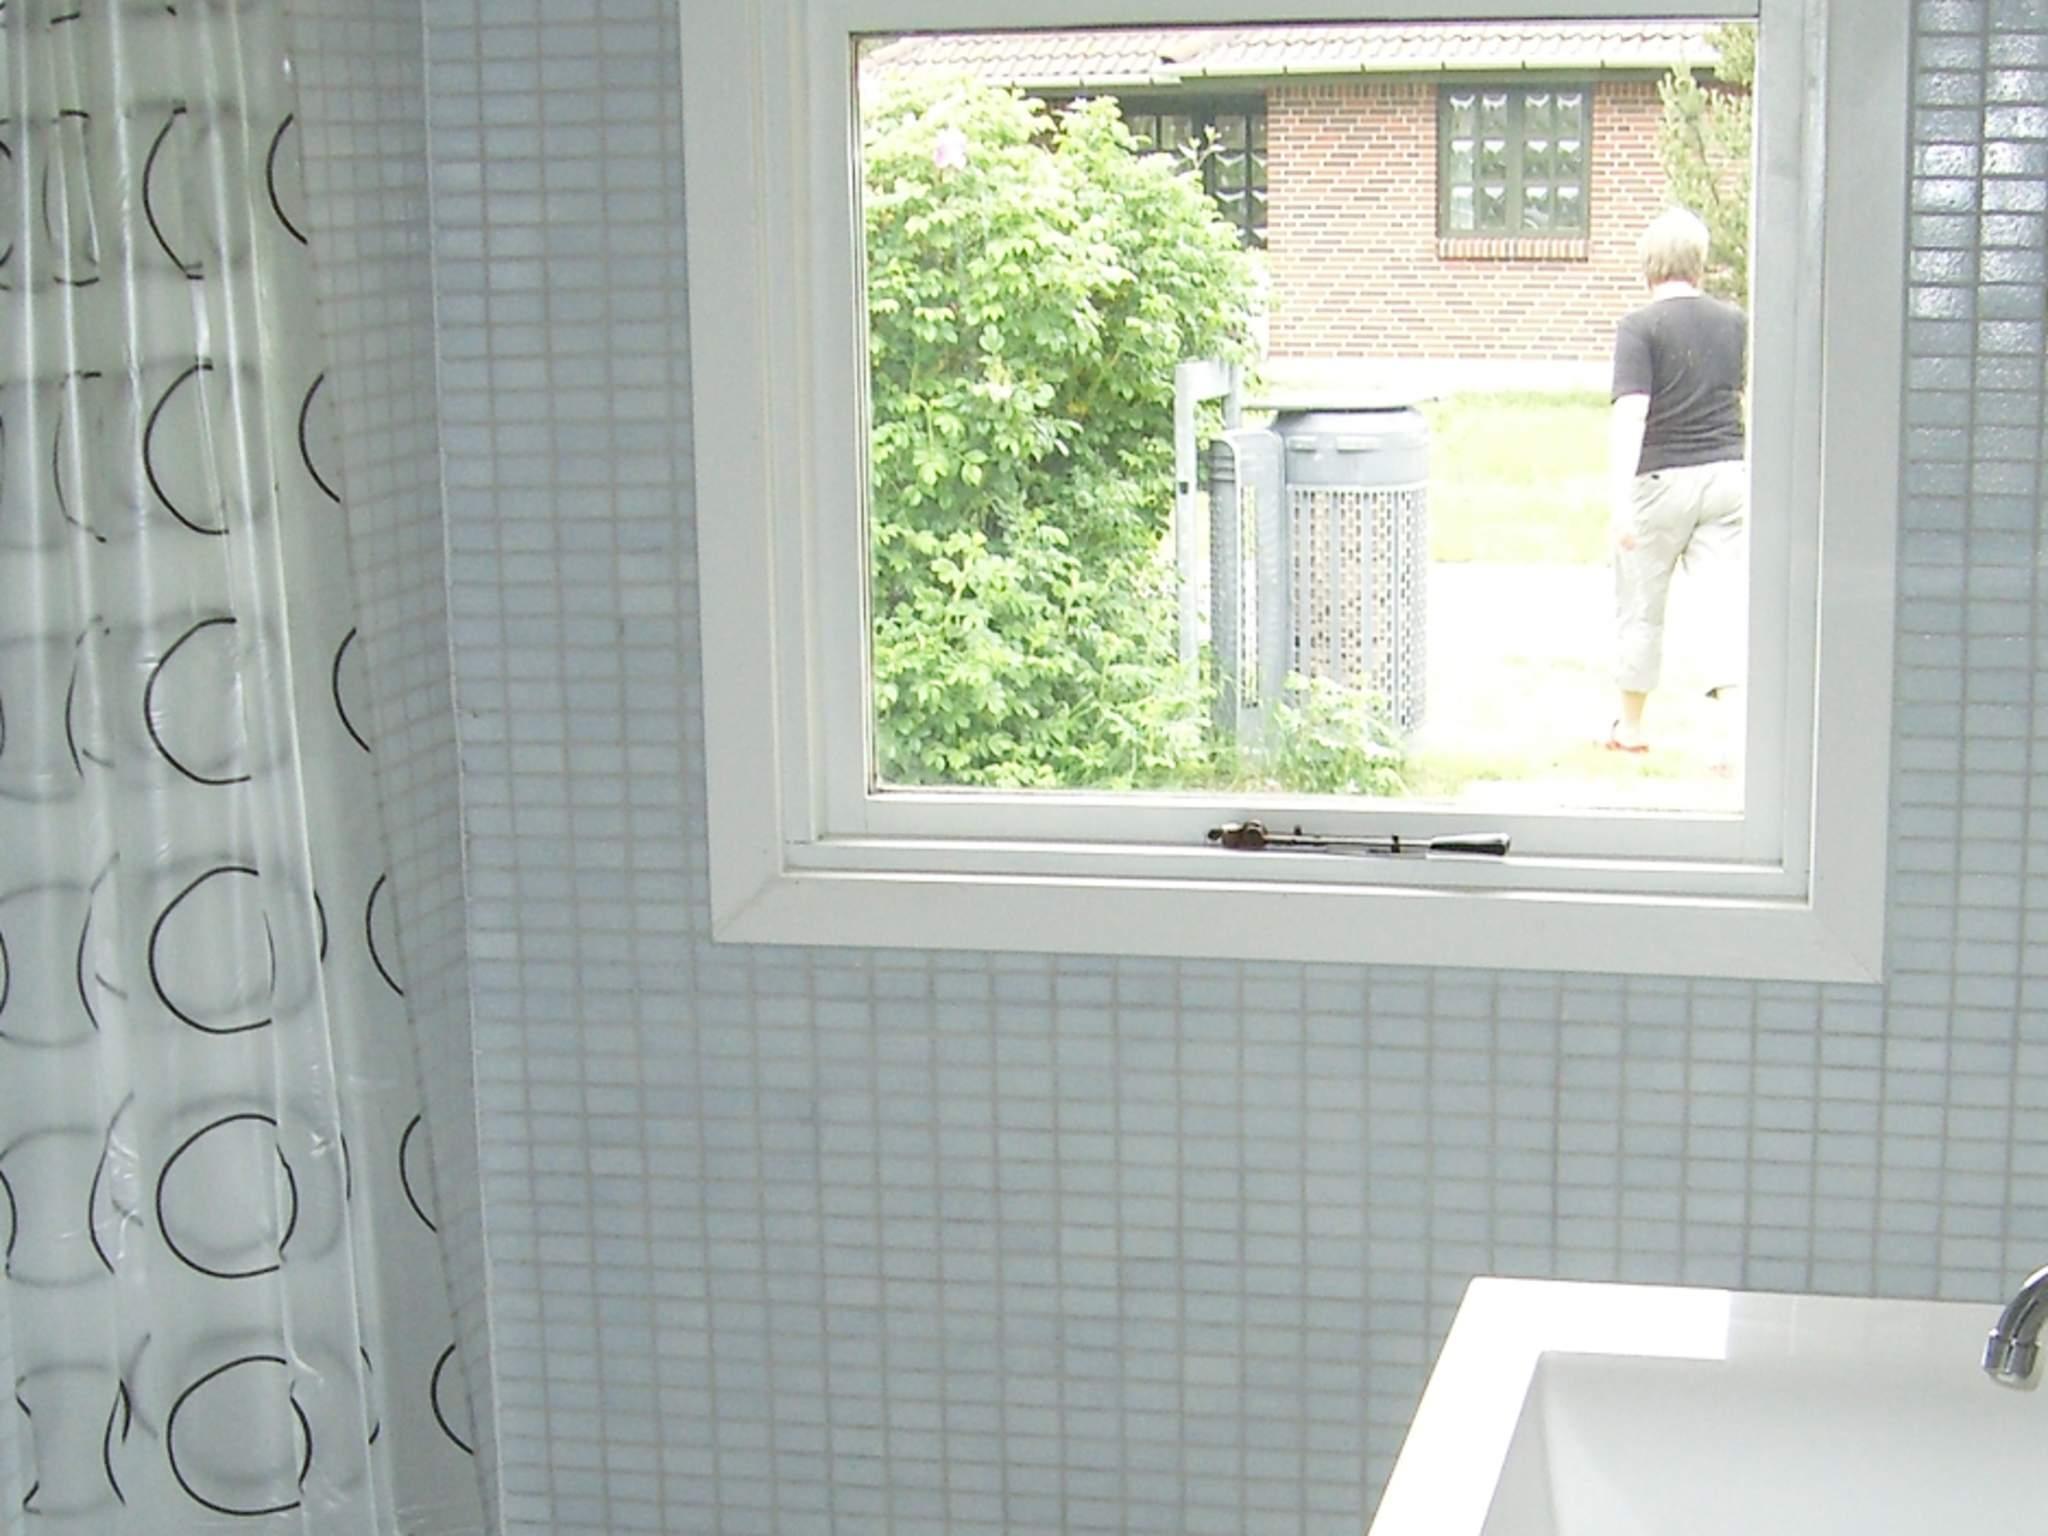 Ferienhaus Kramnitze (87258), Kramnitse, , Lolland, Dänemark, Bild 11